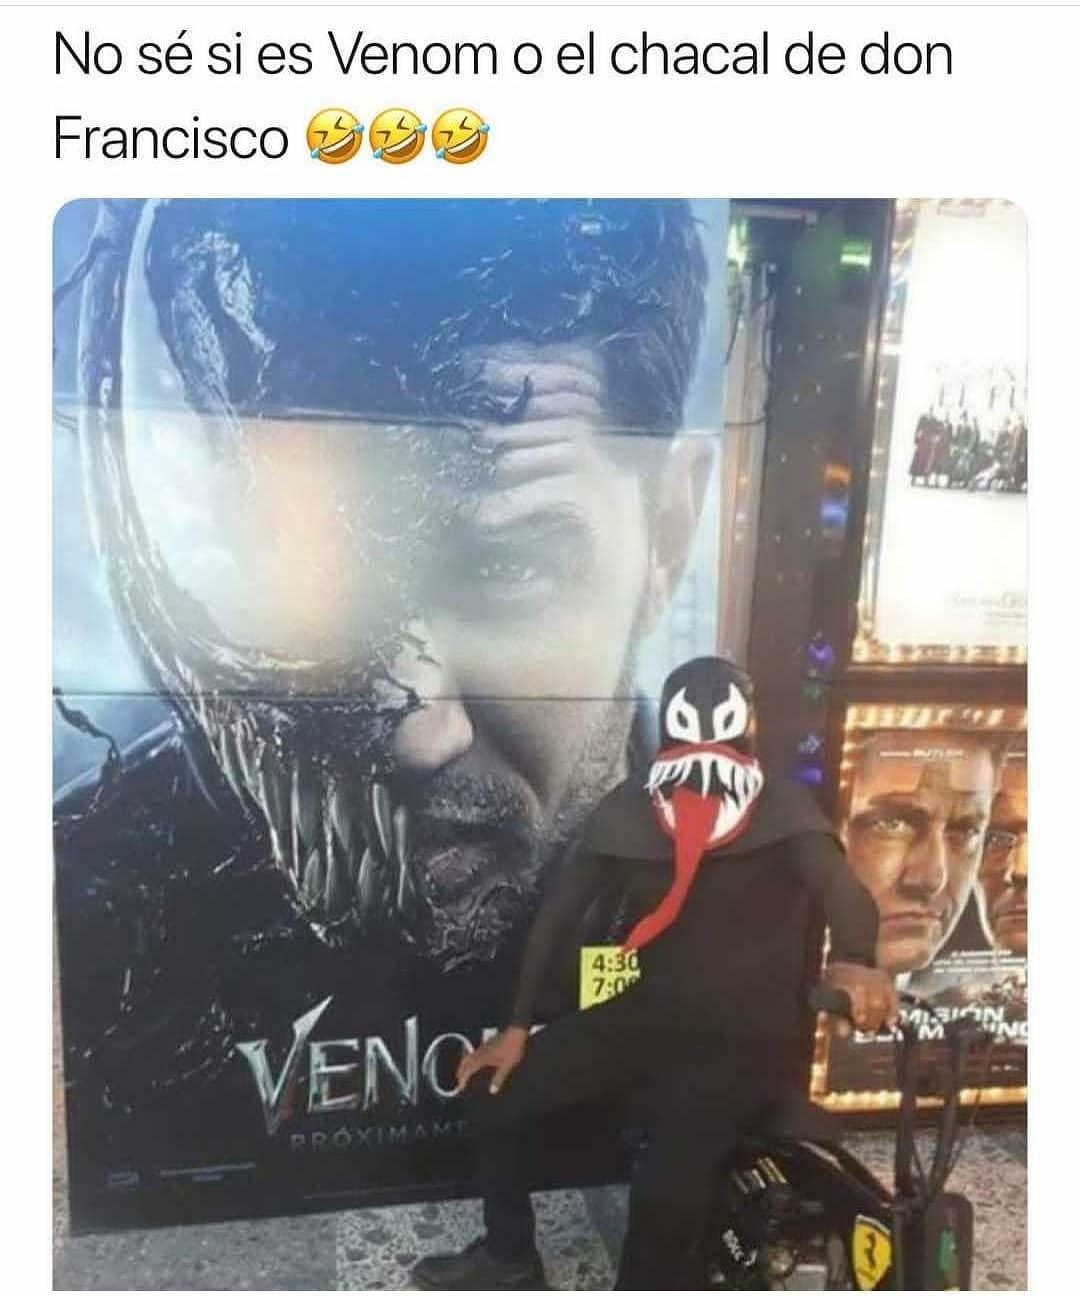 No sé si es Venom o el chacal de don Francisco.